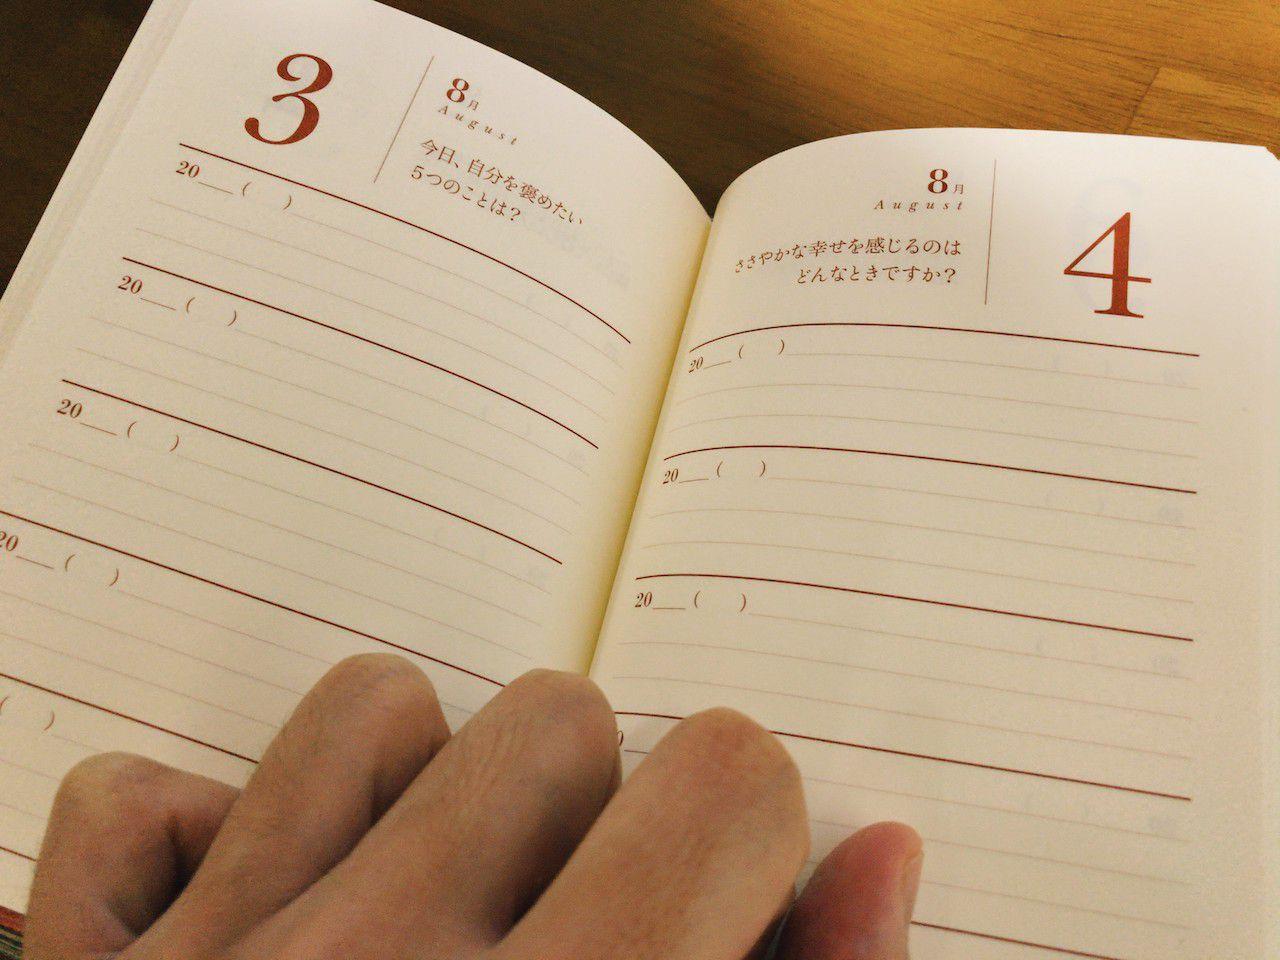 5年Q&A日記の内容